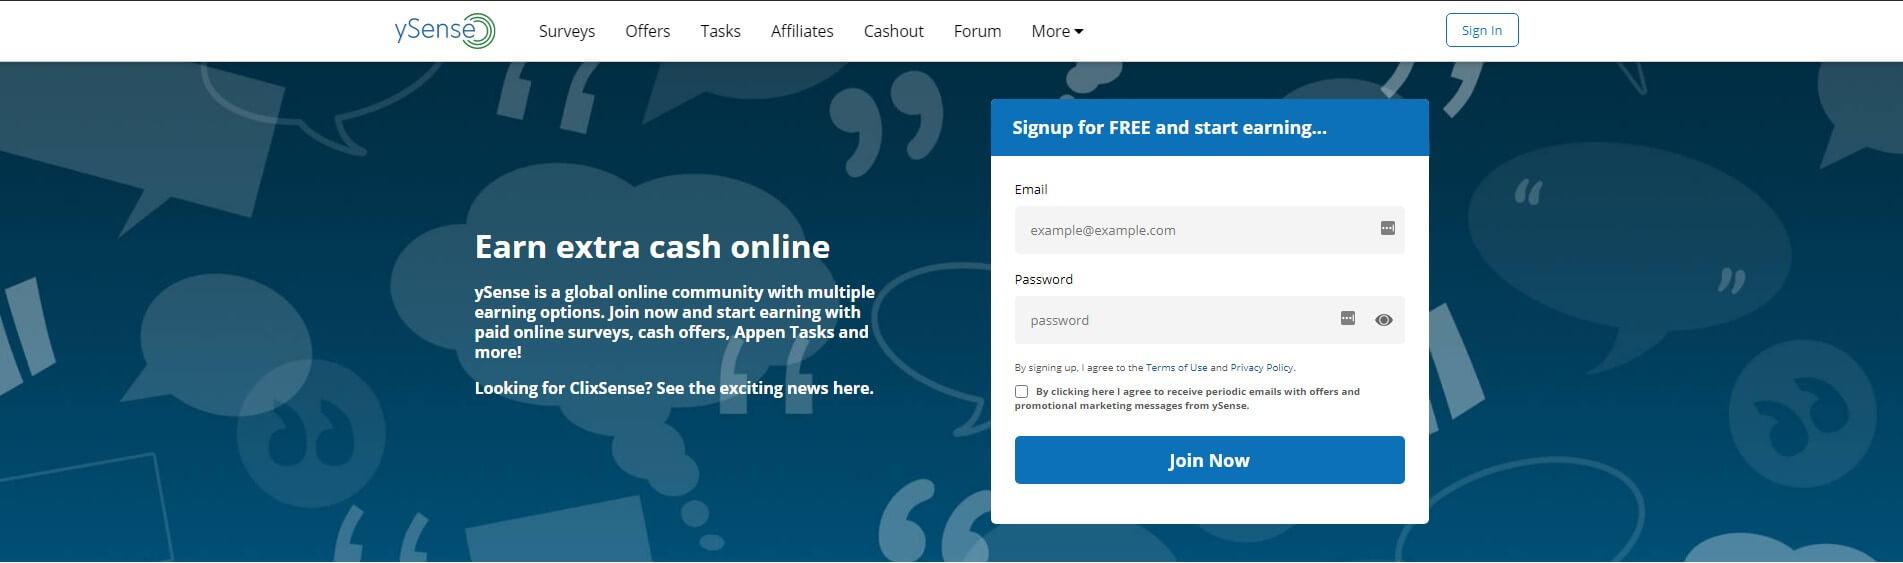 hogyan lehet pénzt keresni az interneten kérdőívek segítségével